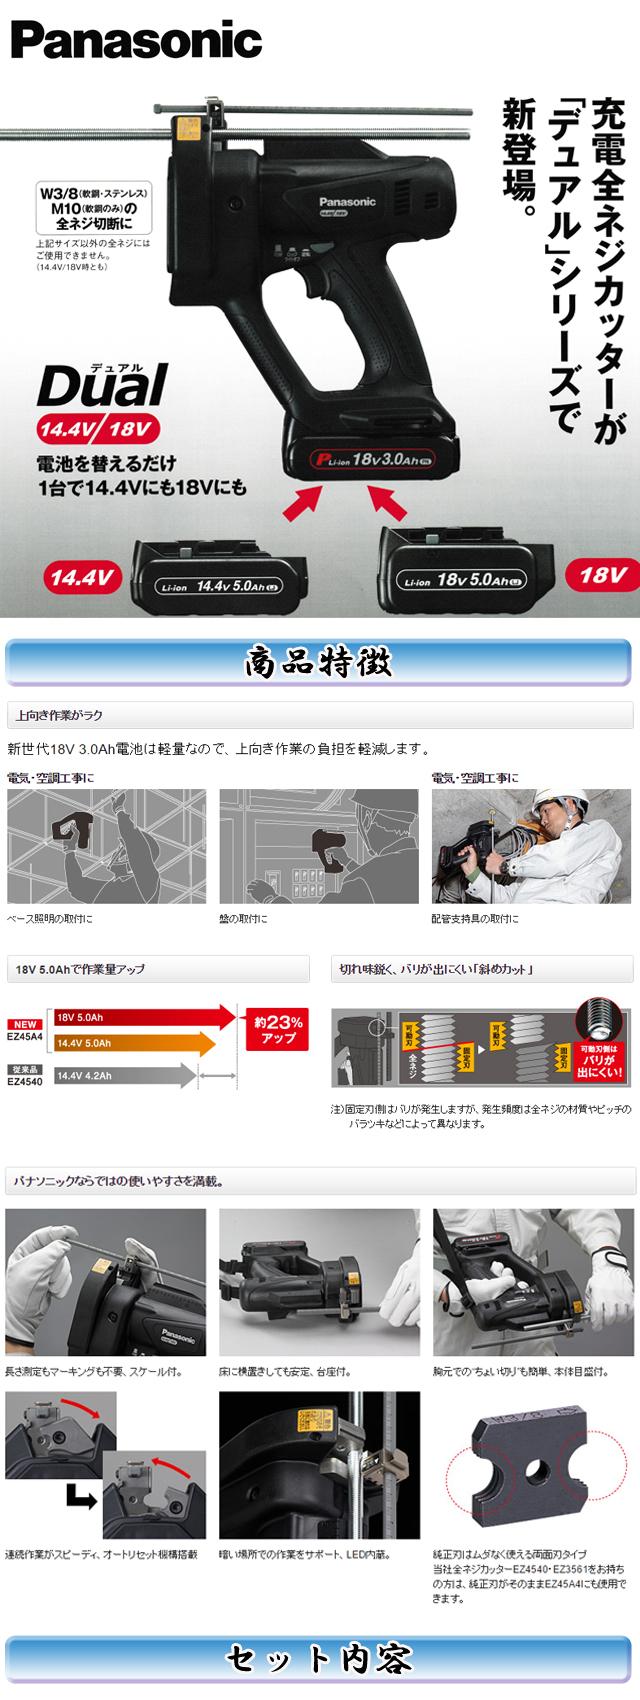 パナソニック充電全ネジカッターデュアルEZ45A4